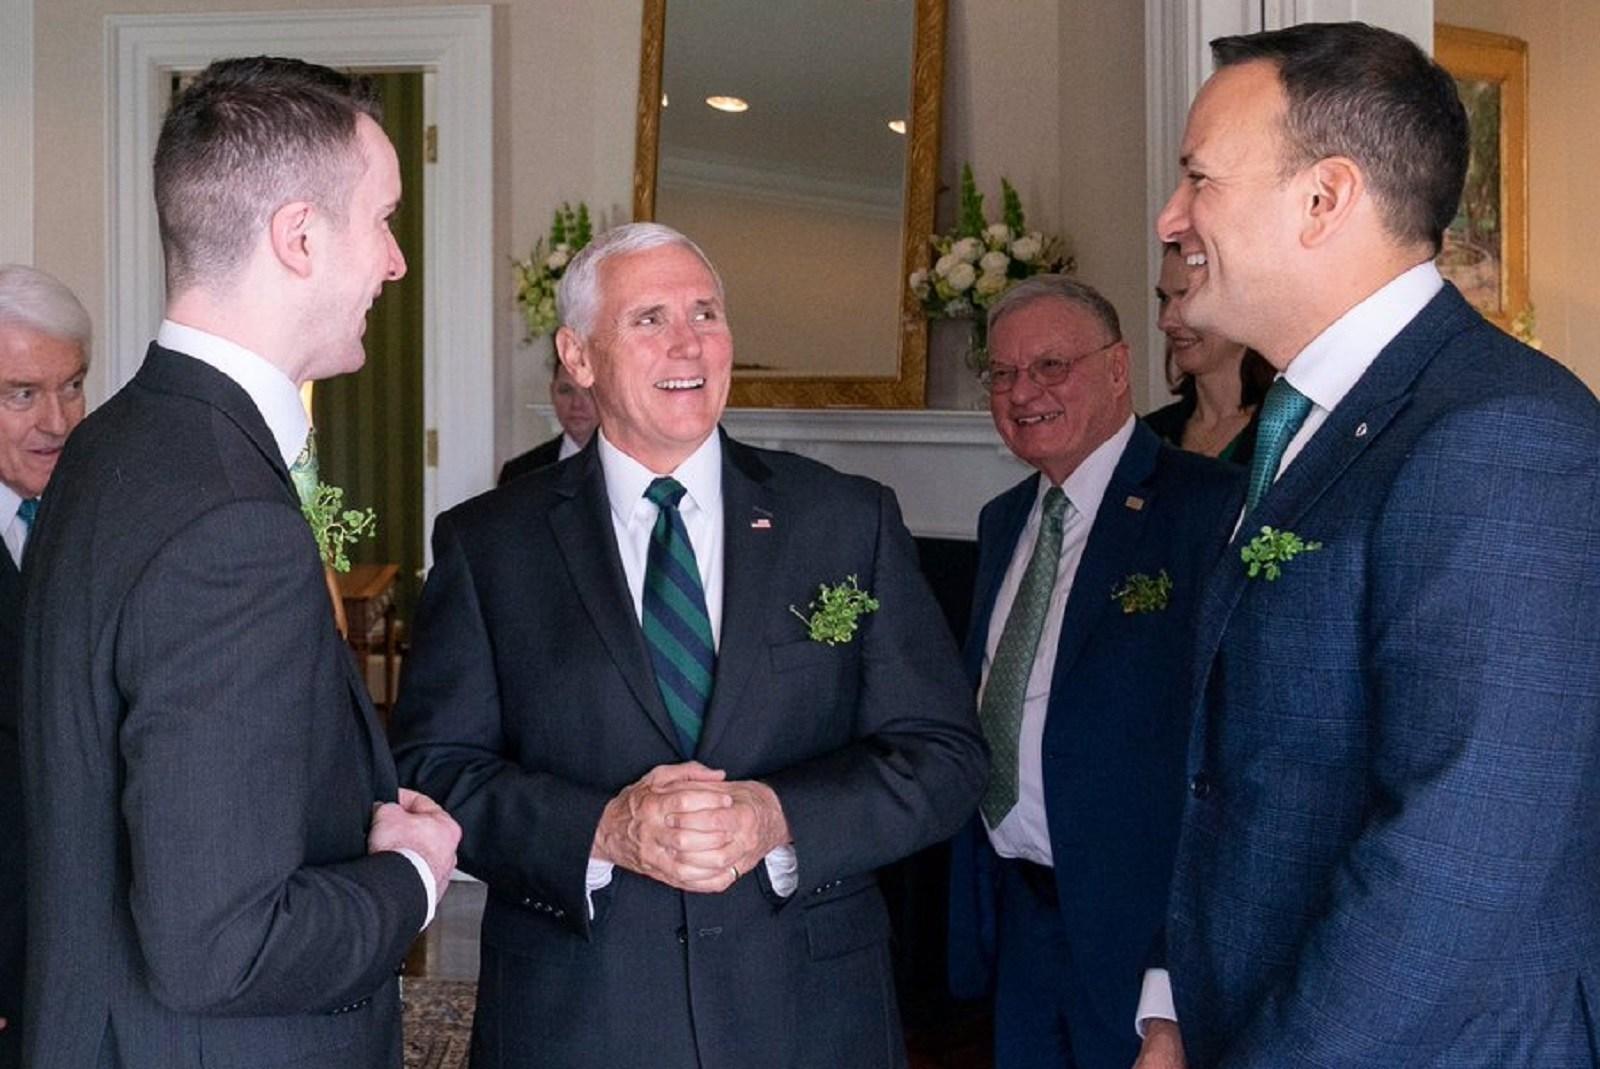 İrlanda'nın Gay Başbakanı Leo Varadkar Homofobik Başkan Yardımcısının Davetine Erkek Arkadaşıyla Katıldı